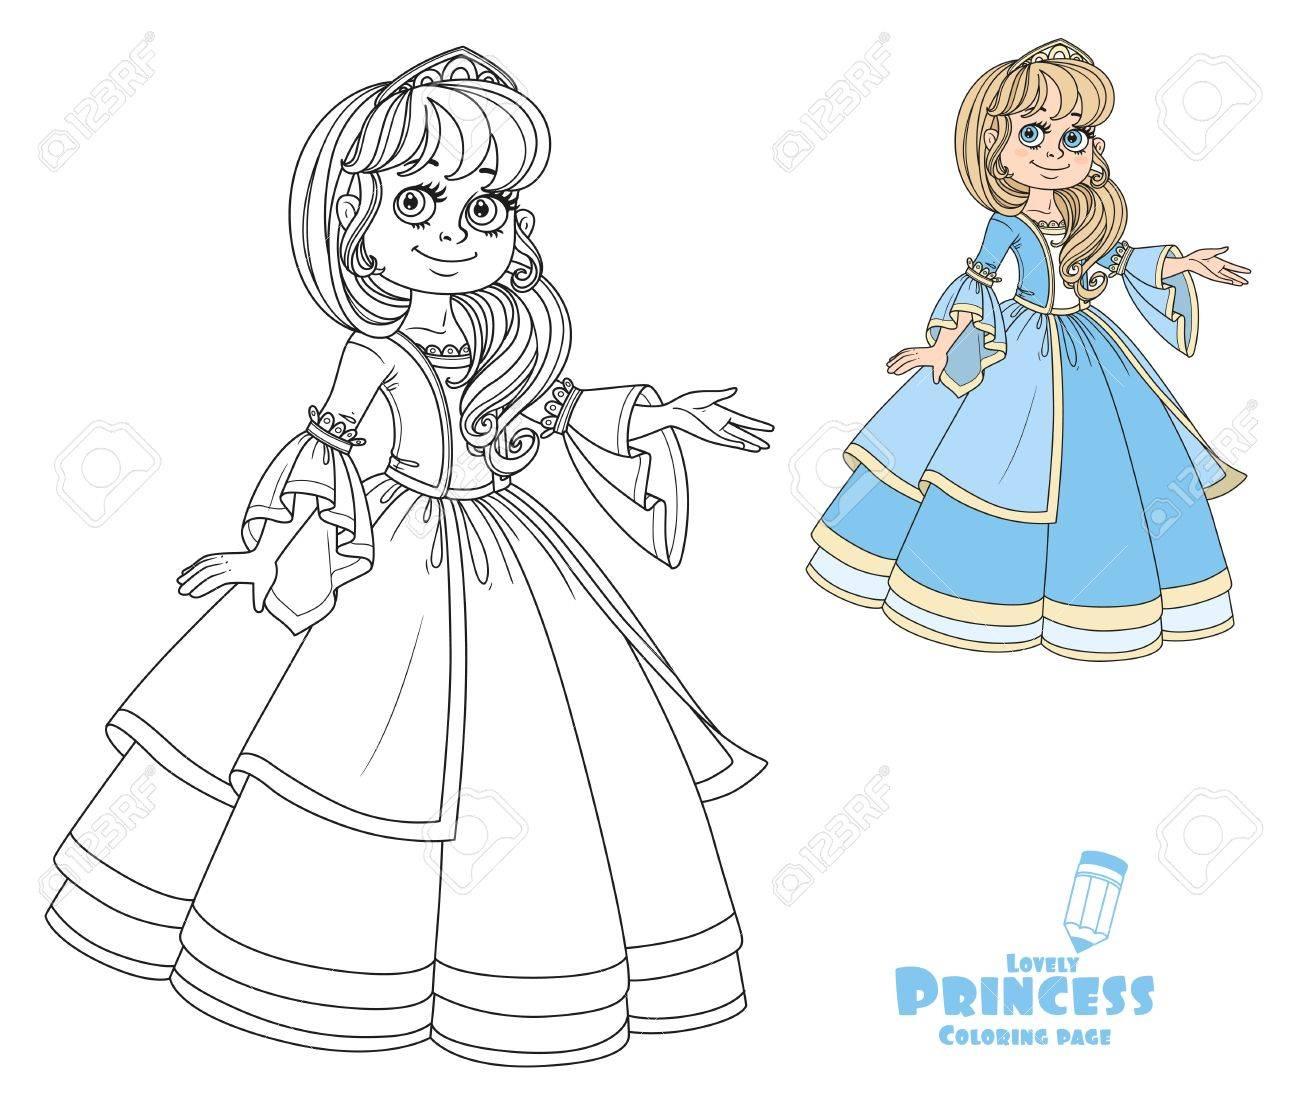 Princesa Linda Adolescente En Vestido Exuberante Y Tiara Muestra ...